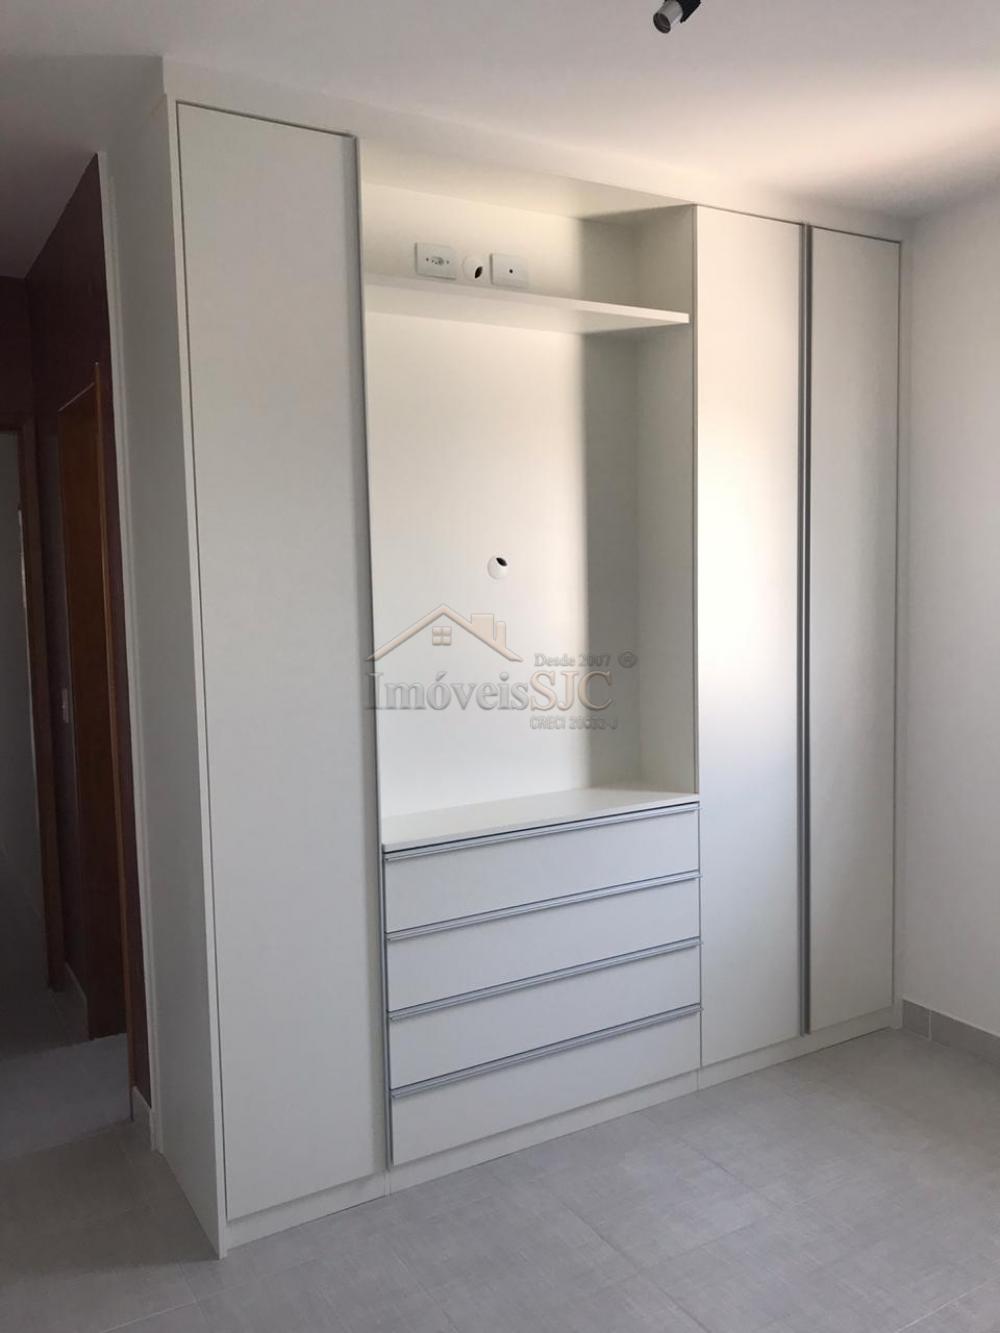 Comprar Casas / Padrão em São José dos Campos apenas R$ 370.000,00 - Foto 8